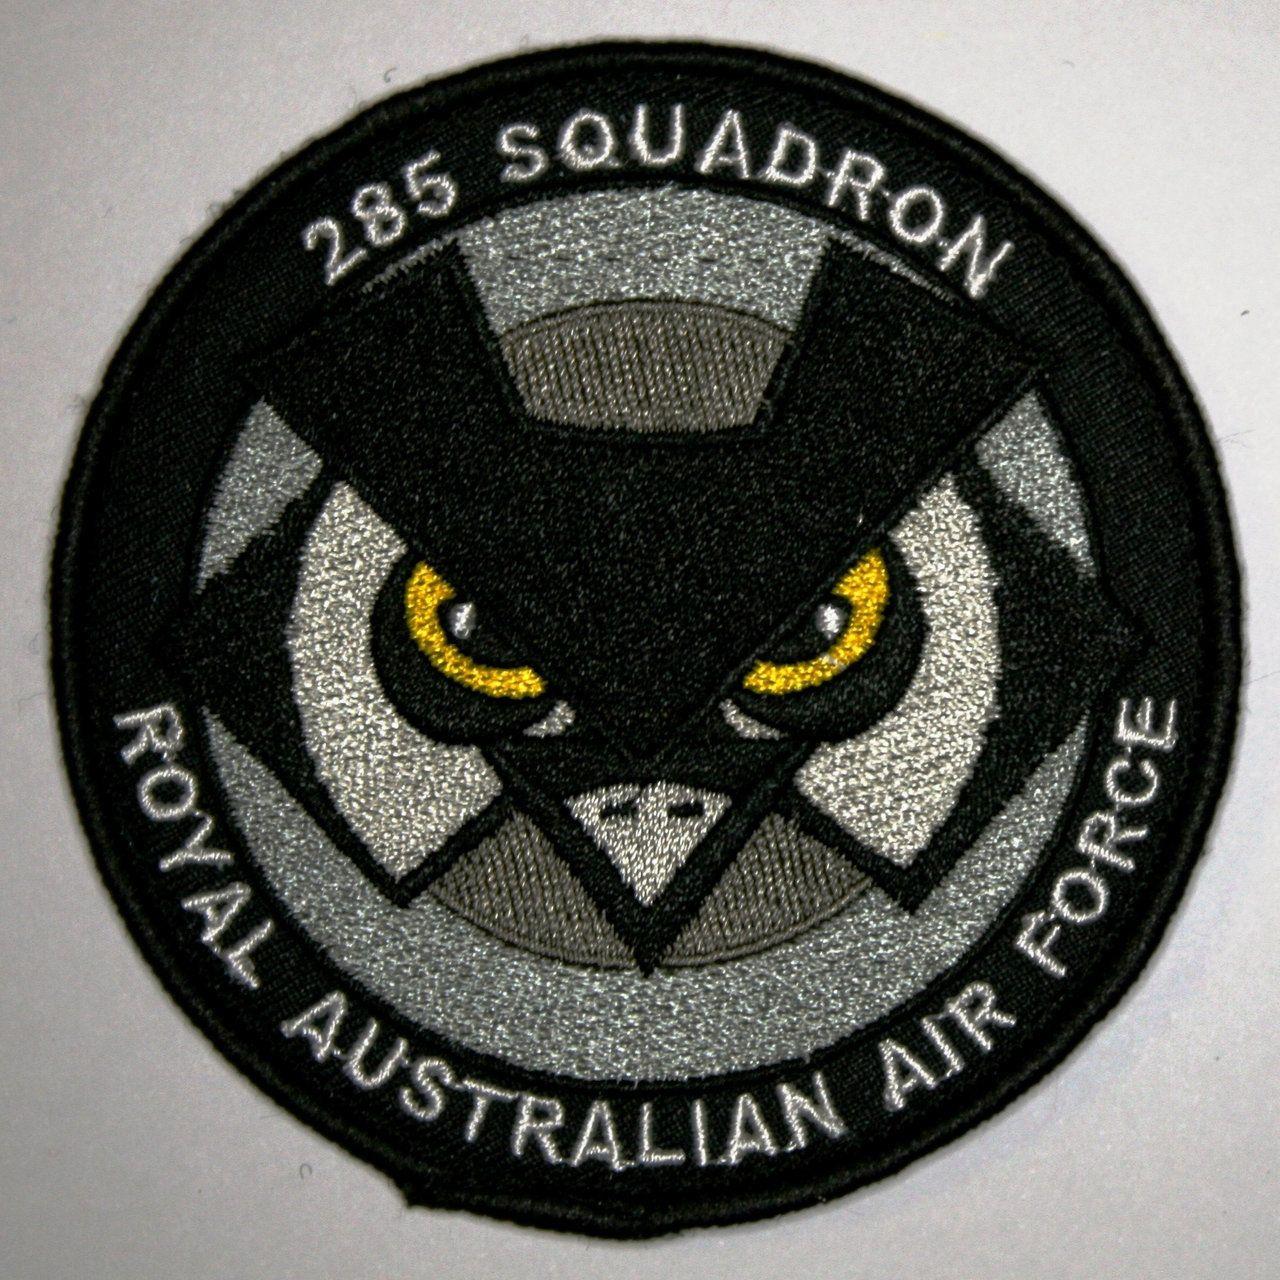 285 Sqn Uniform Patch Round (With images) Uniform patch